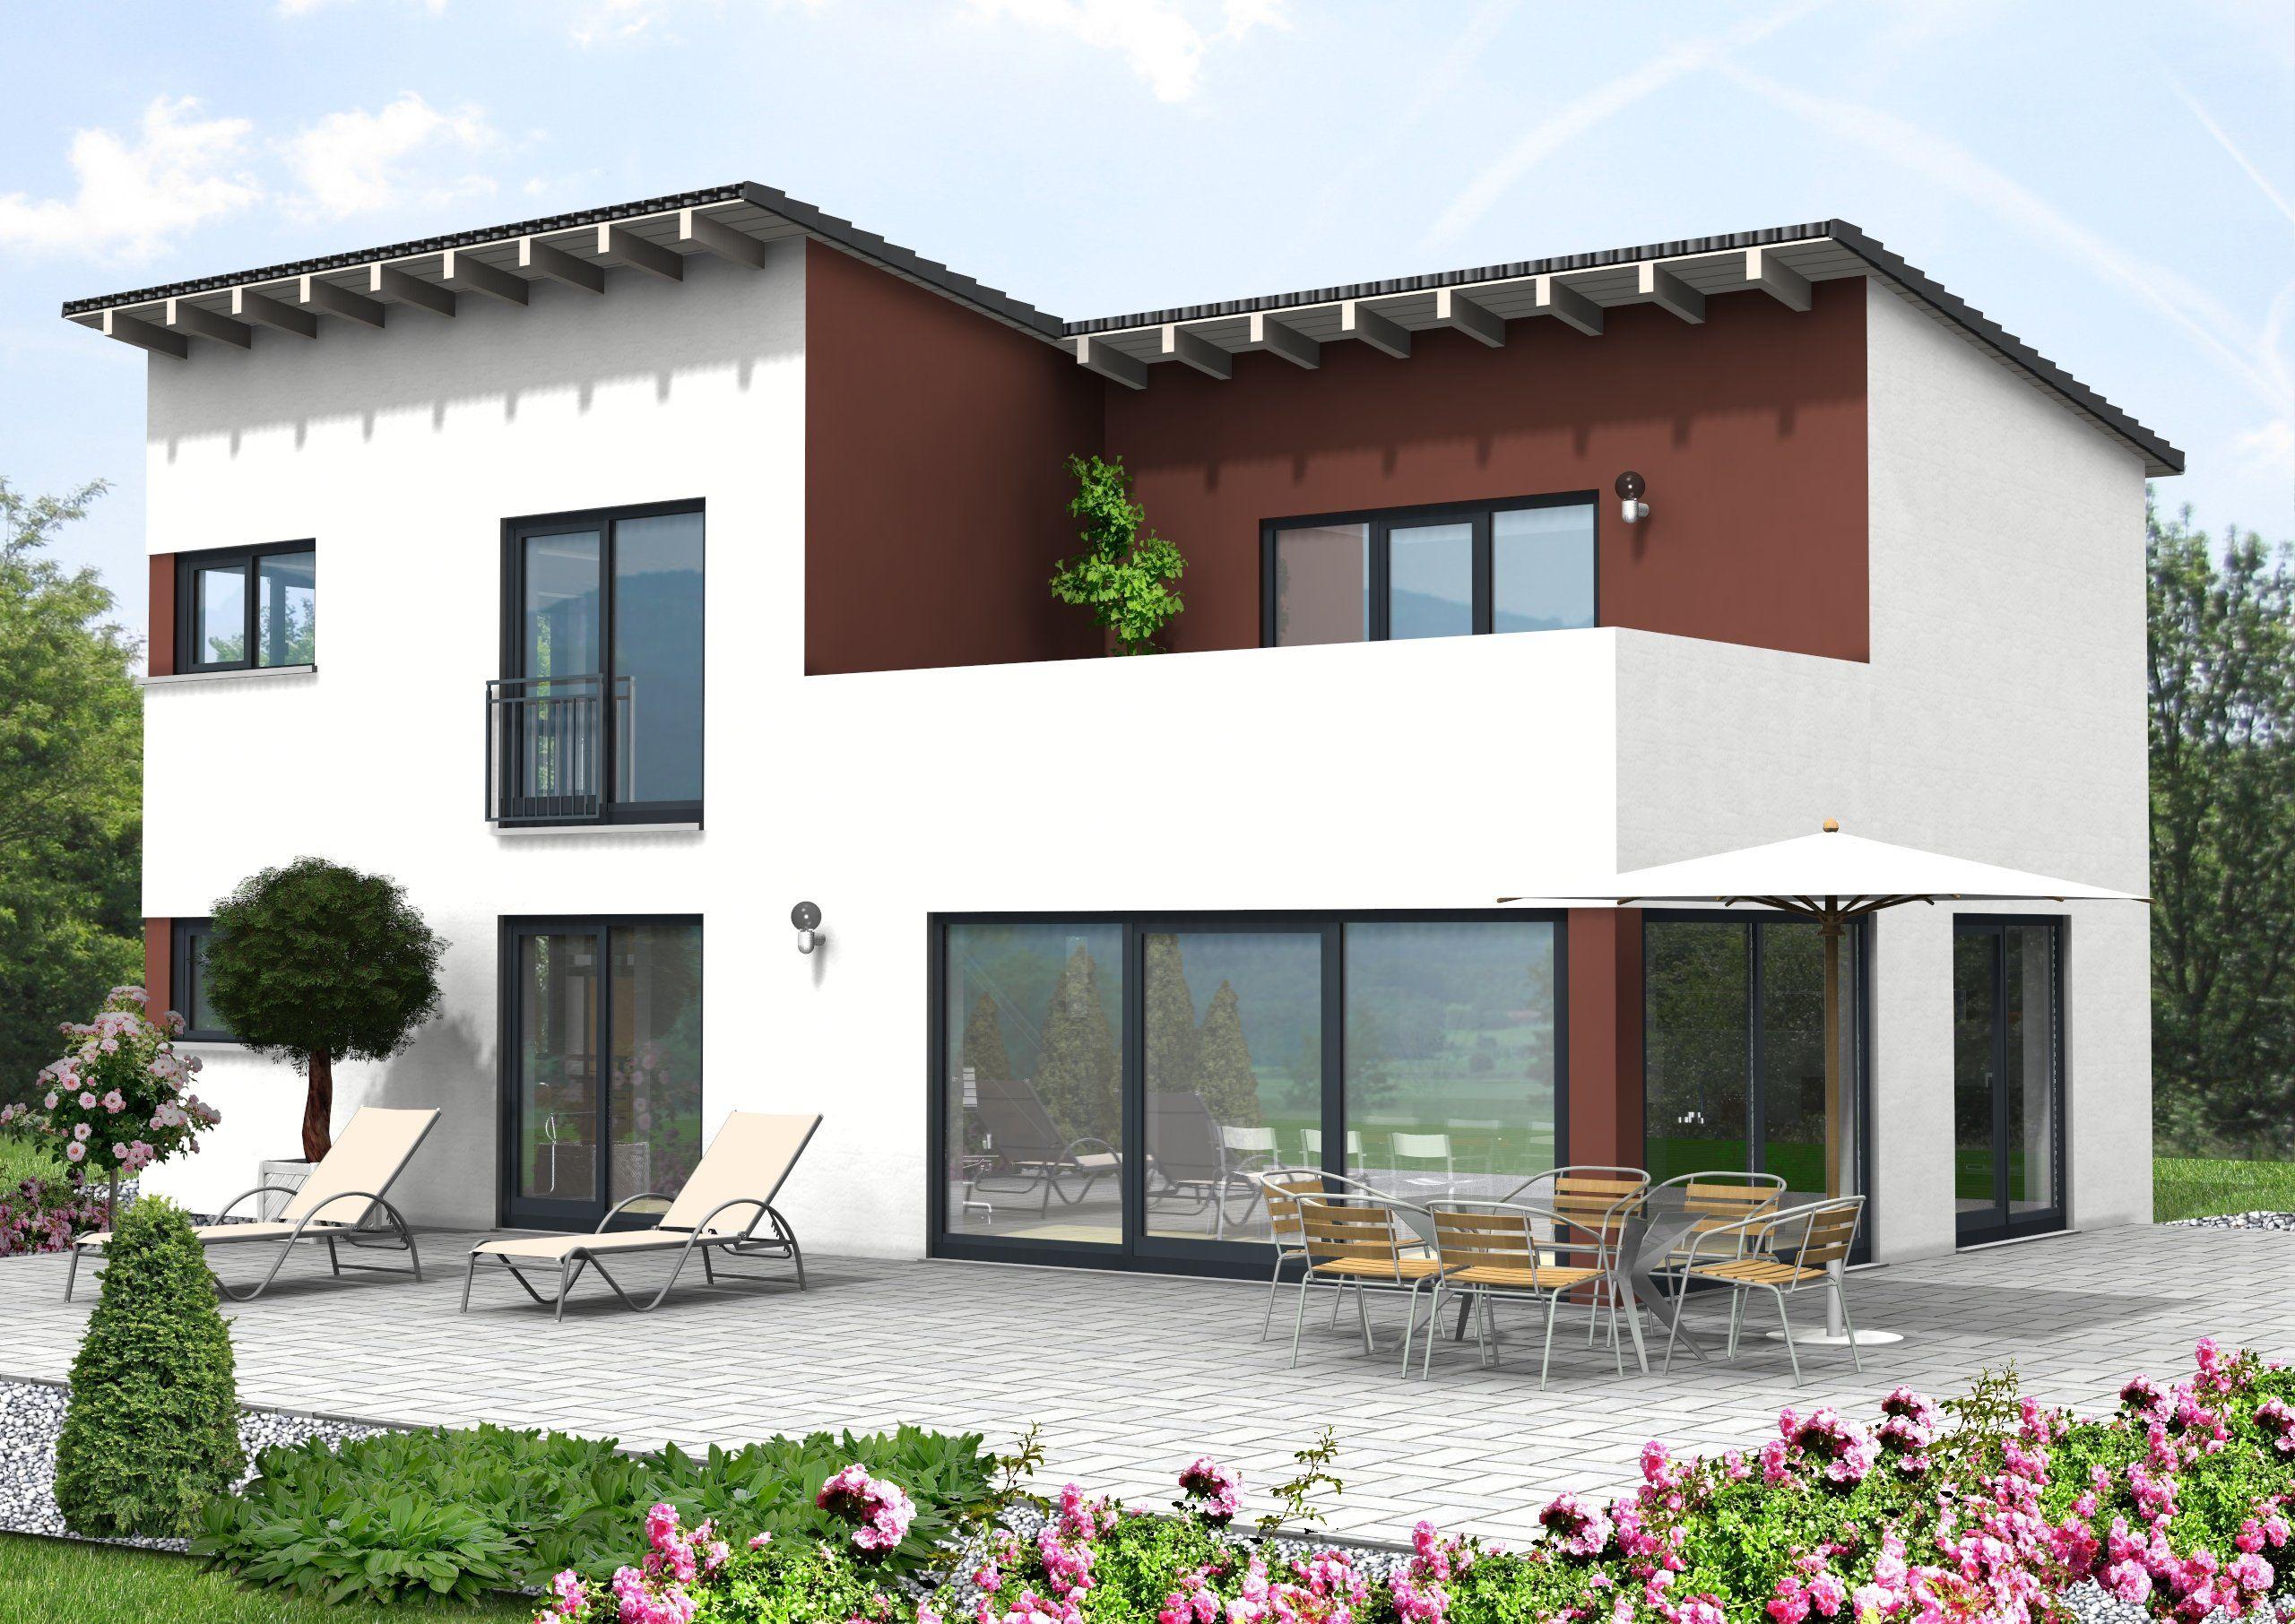 Ökohaus der Woche KW 19/2018. Haus Idee Puldachhaus